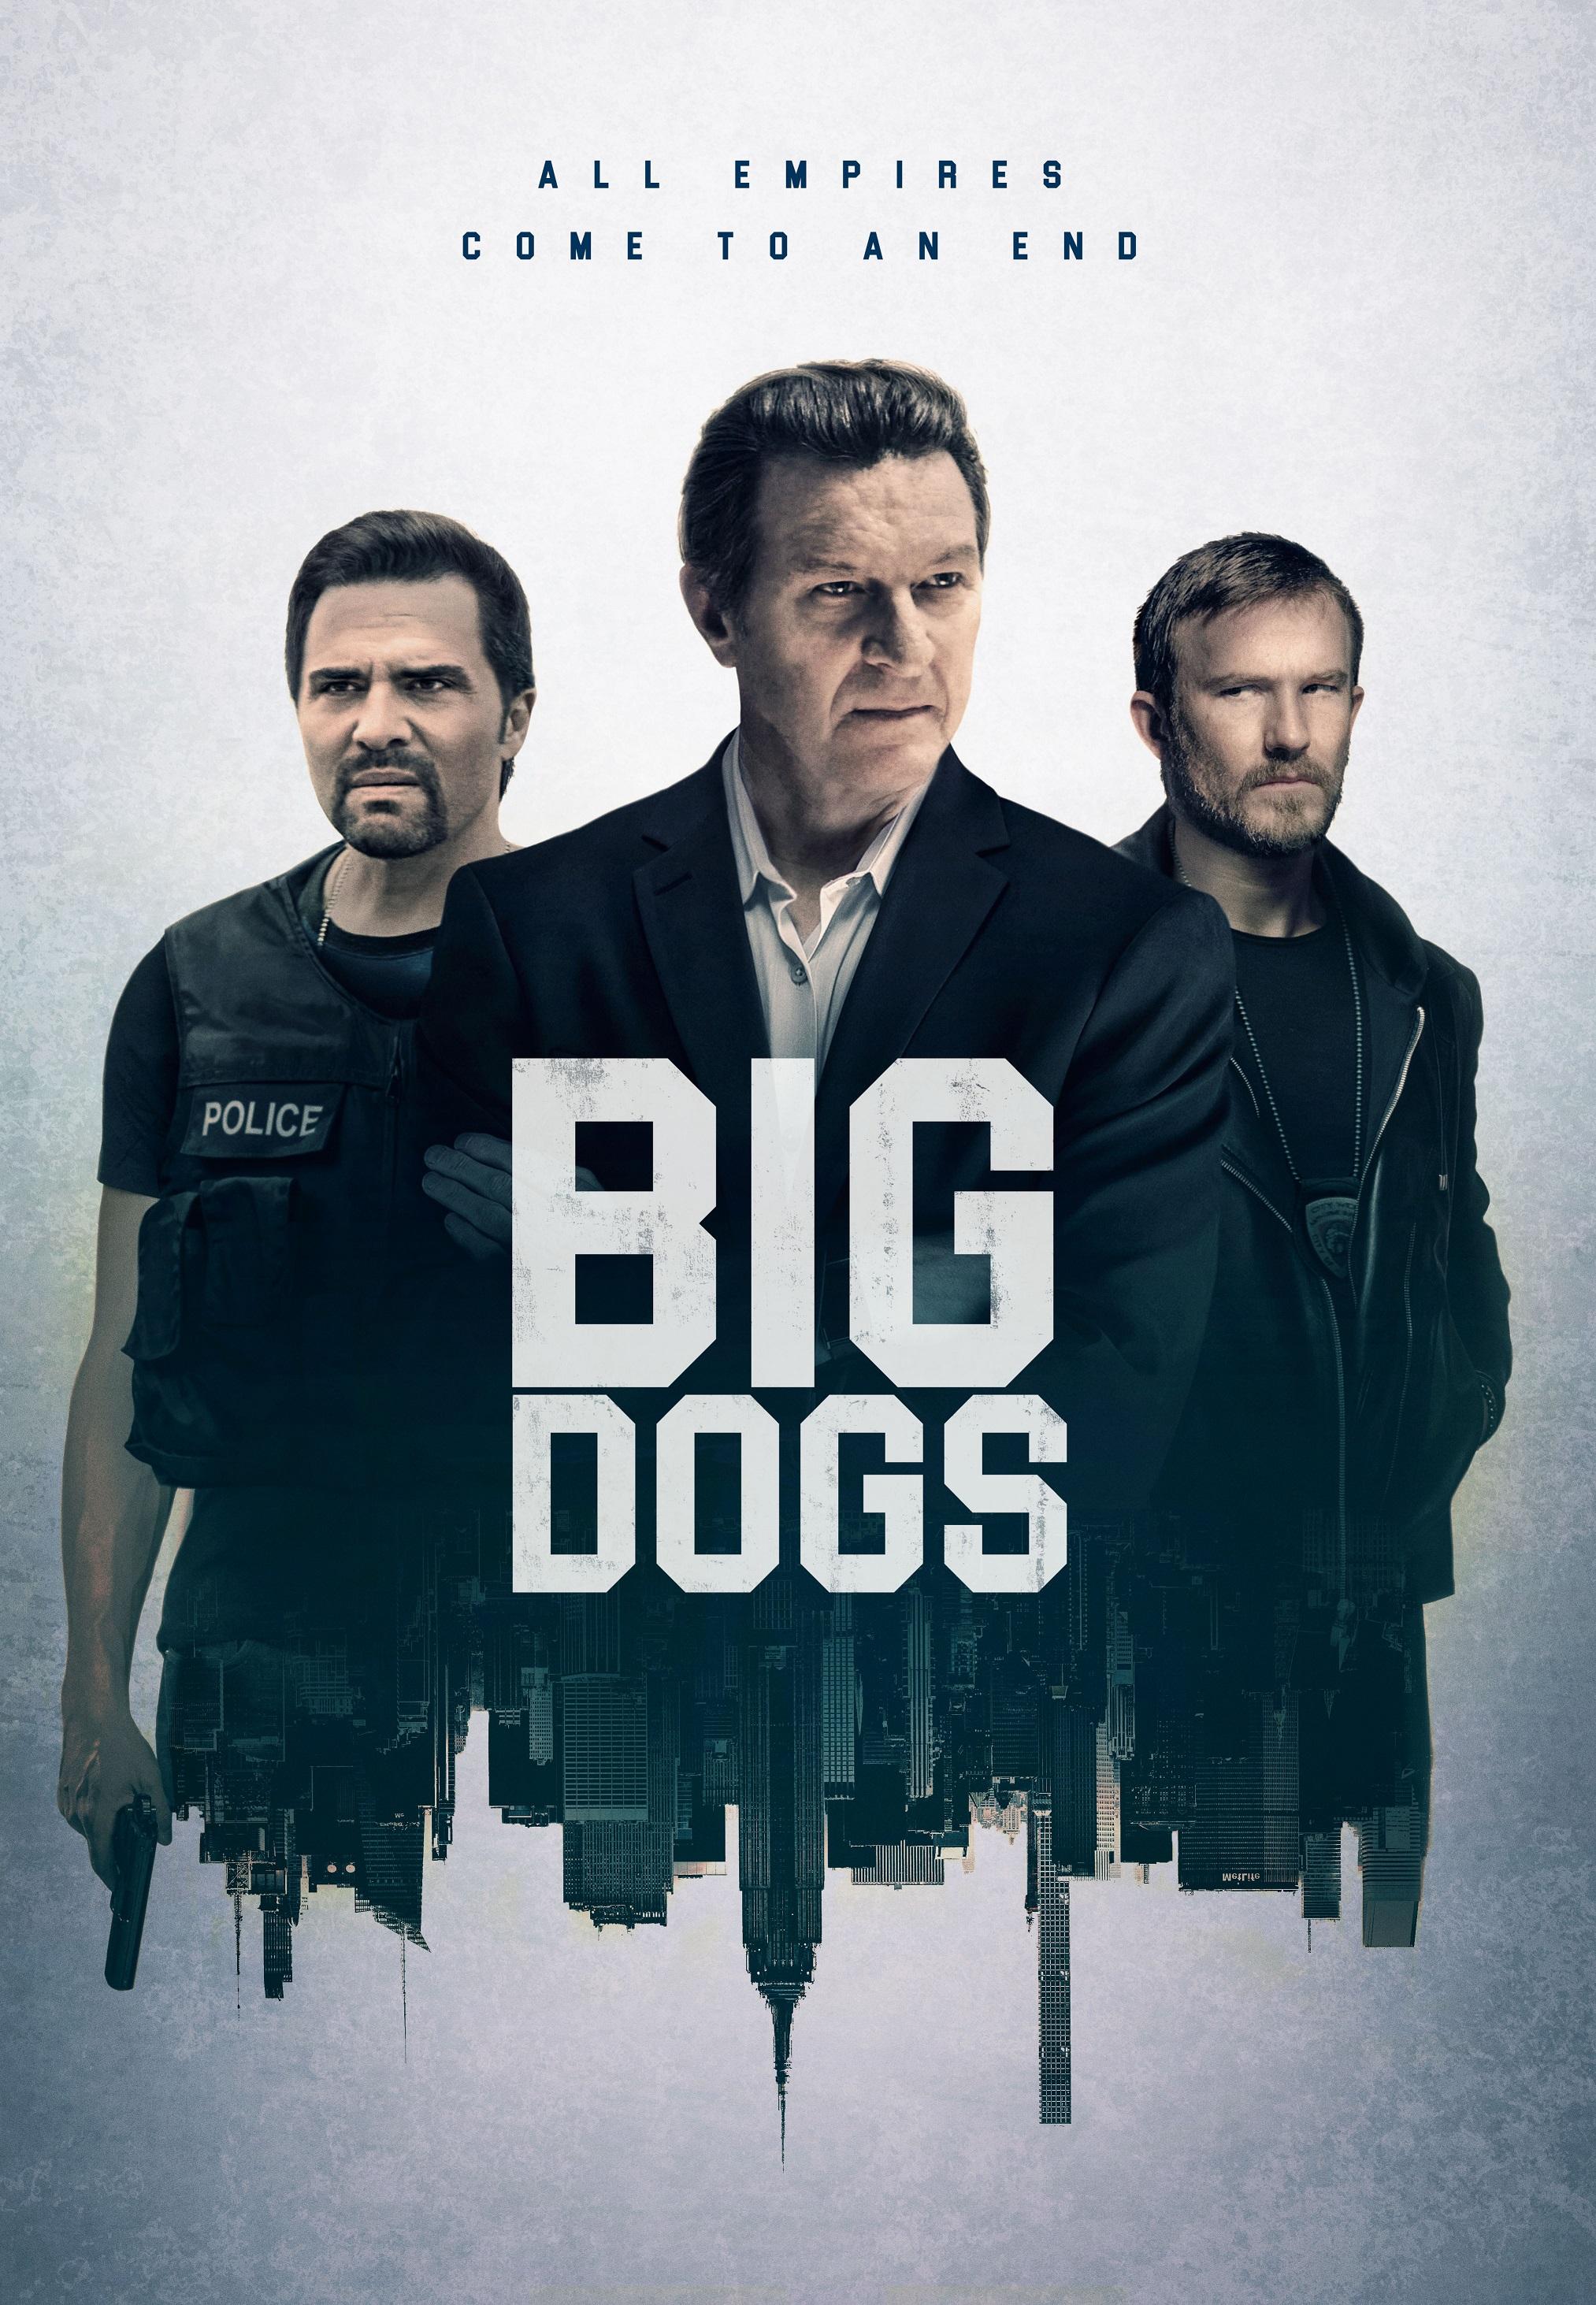 مسلسل Big Dogs الموسم الاول مترجم